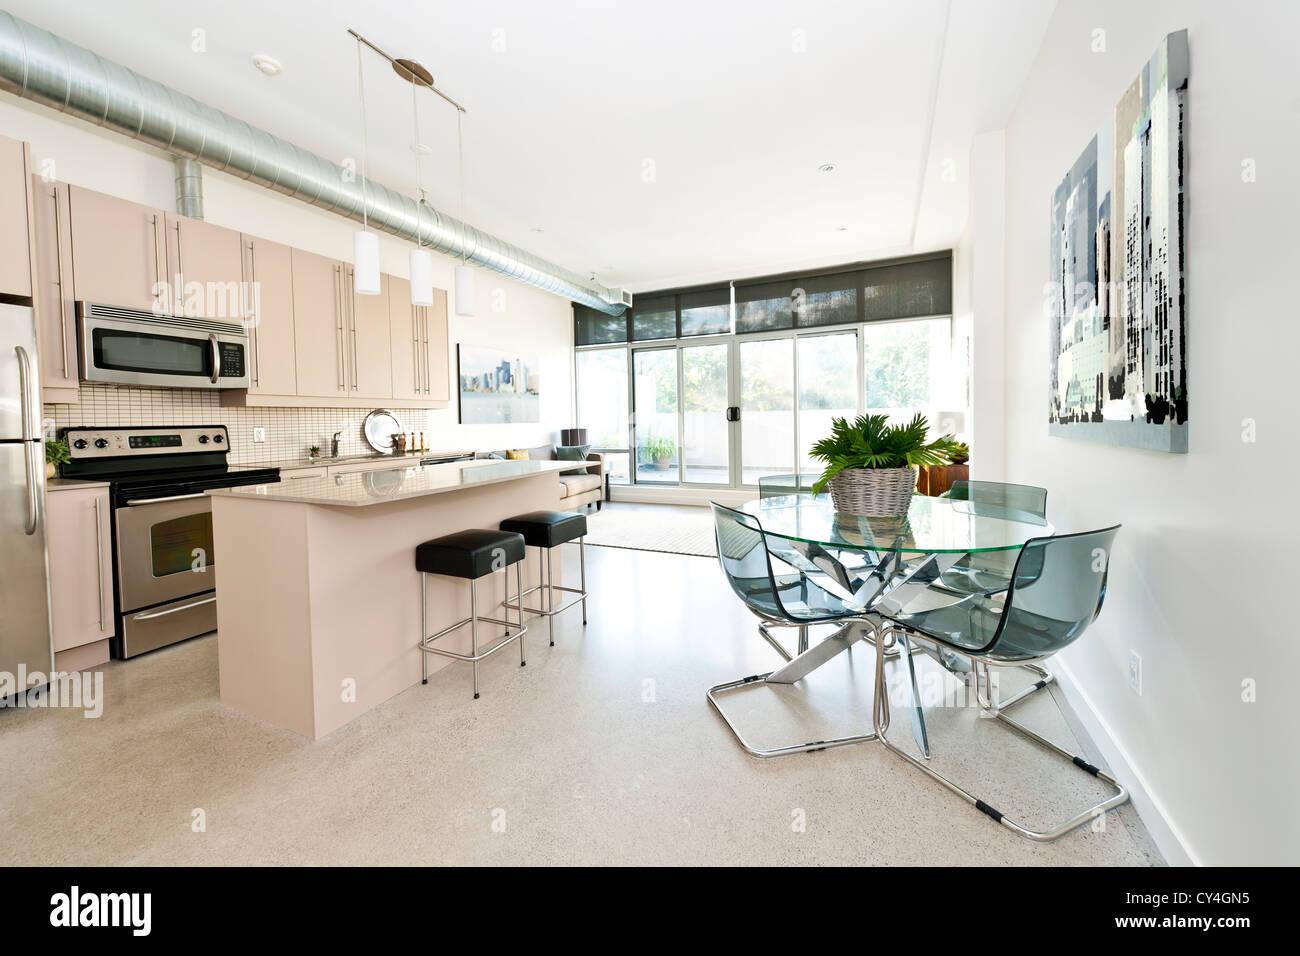 Cocina comedor y sala de estar del apartamento for Cocina estar comedor